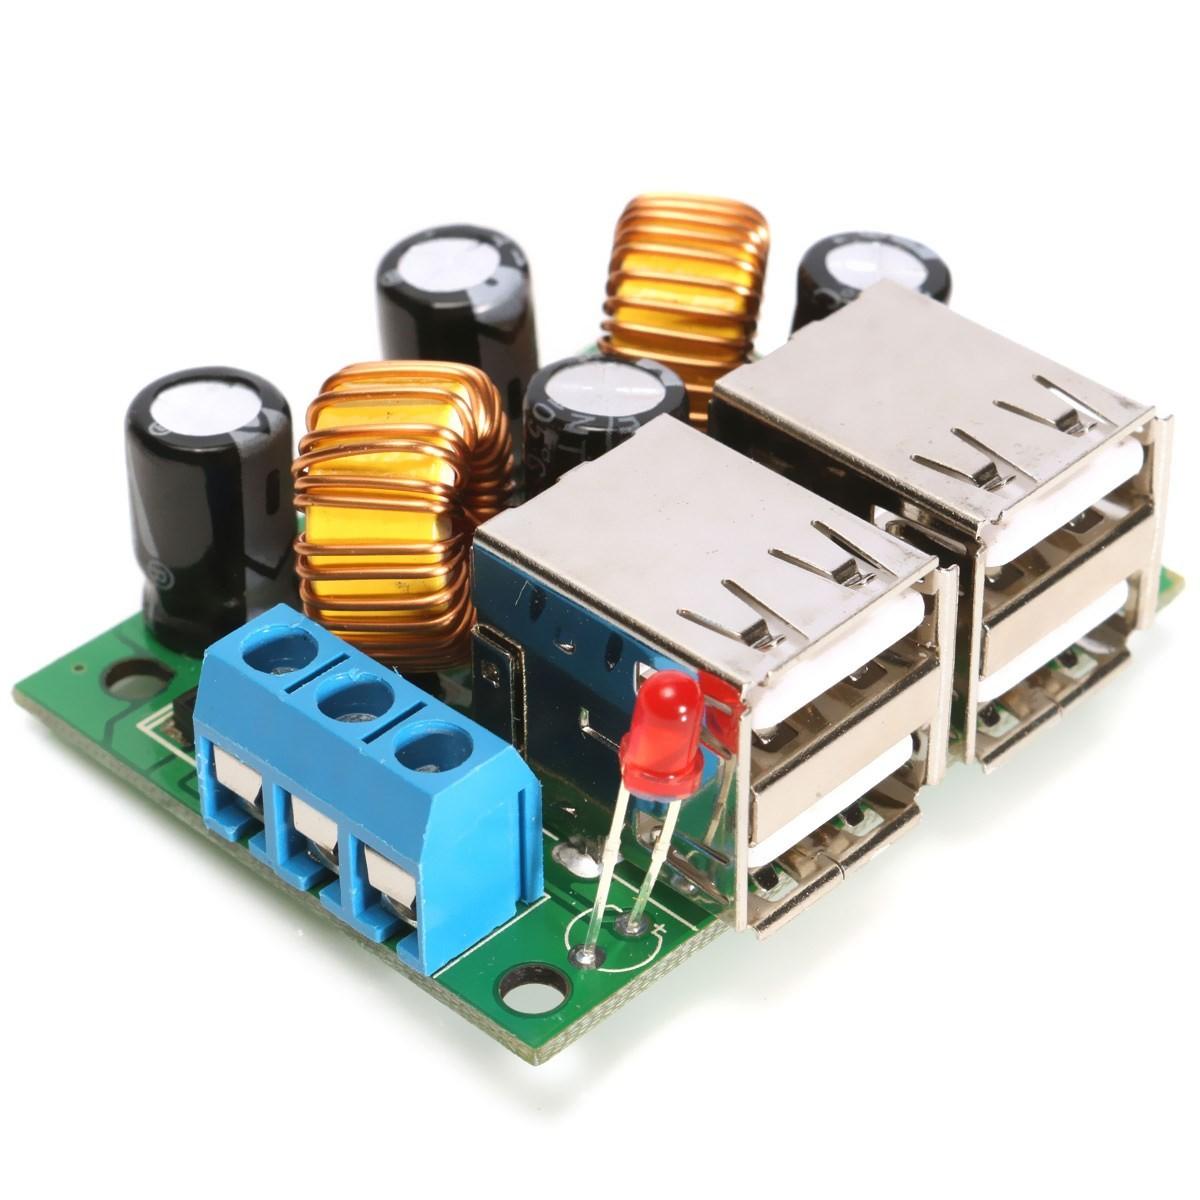 Step-down napájecí modul DC 12V 24V 40V na 5V 5A se 4 USB porty